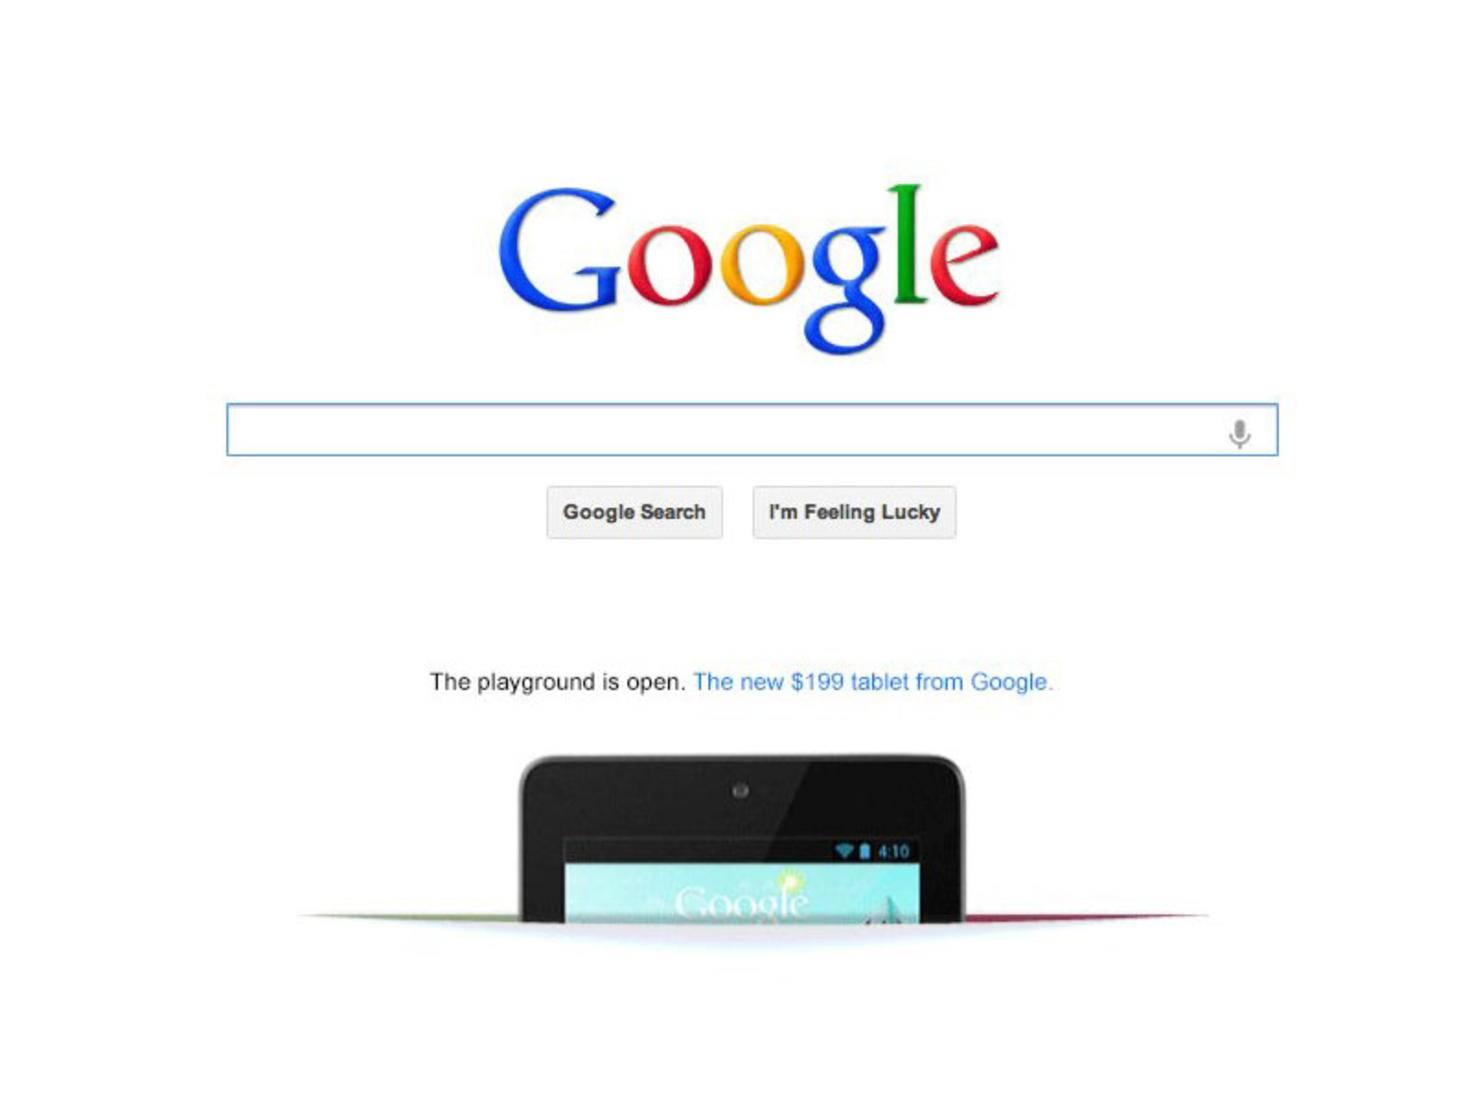 Google-2012.jpg